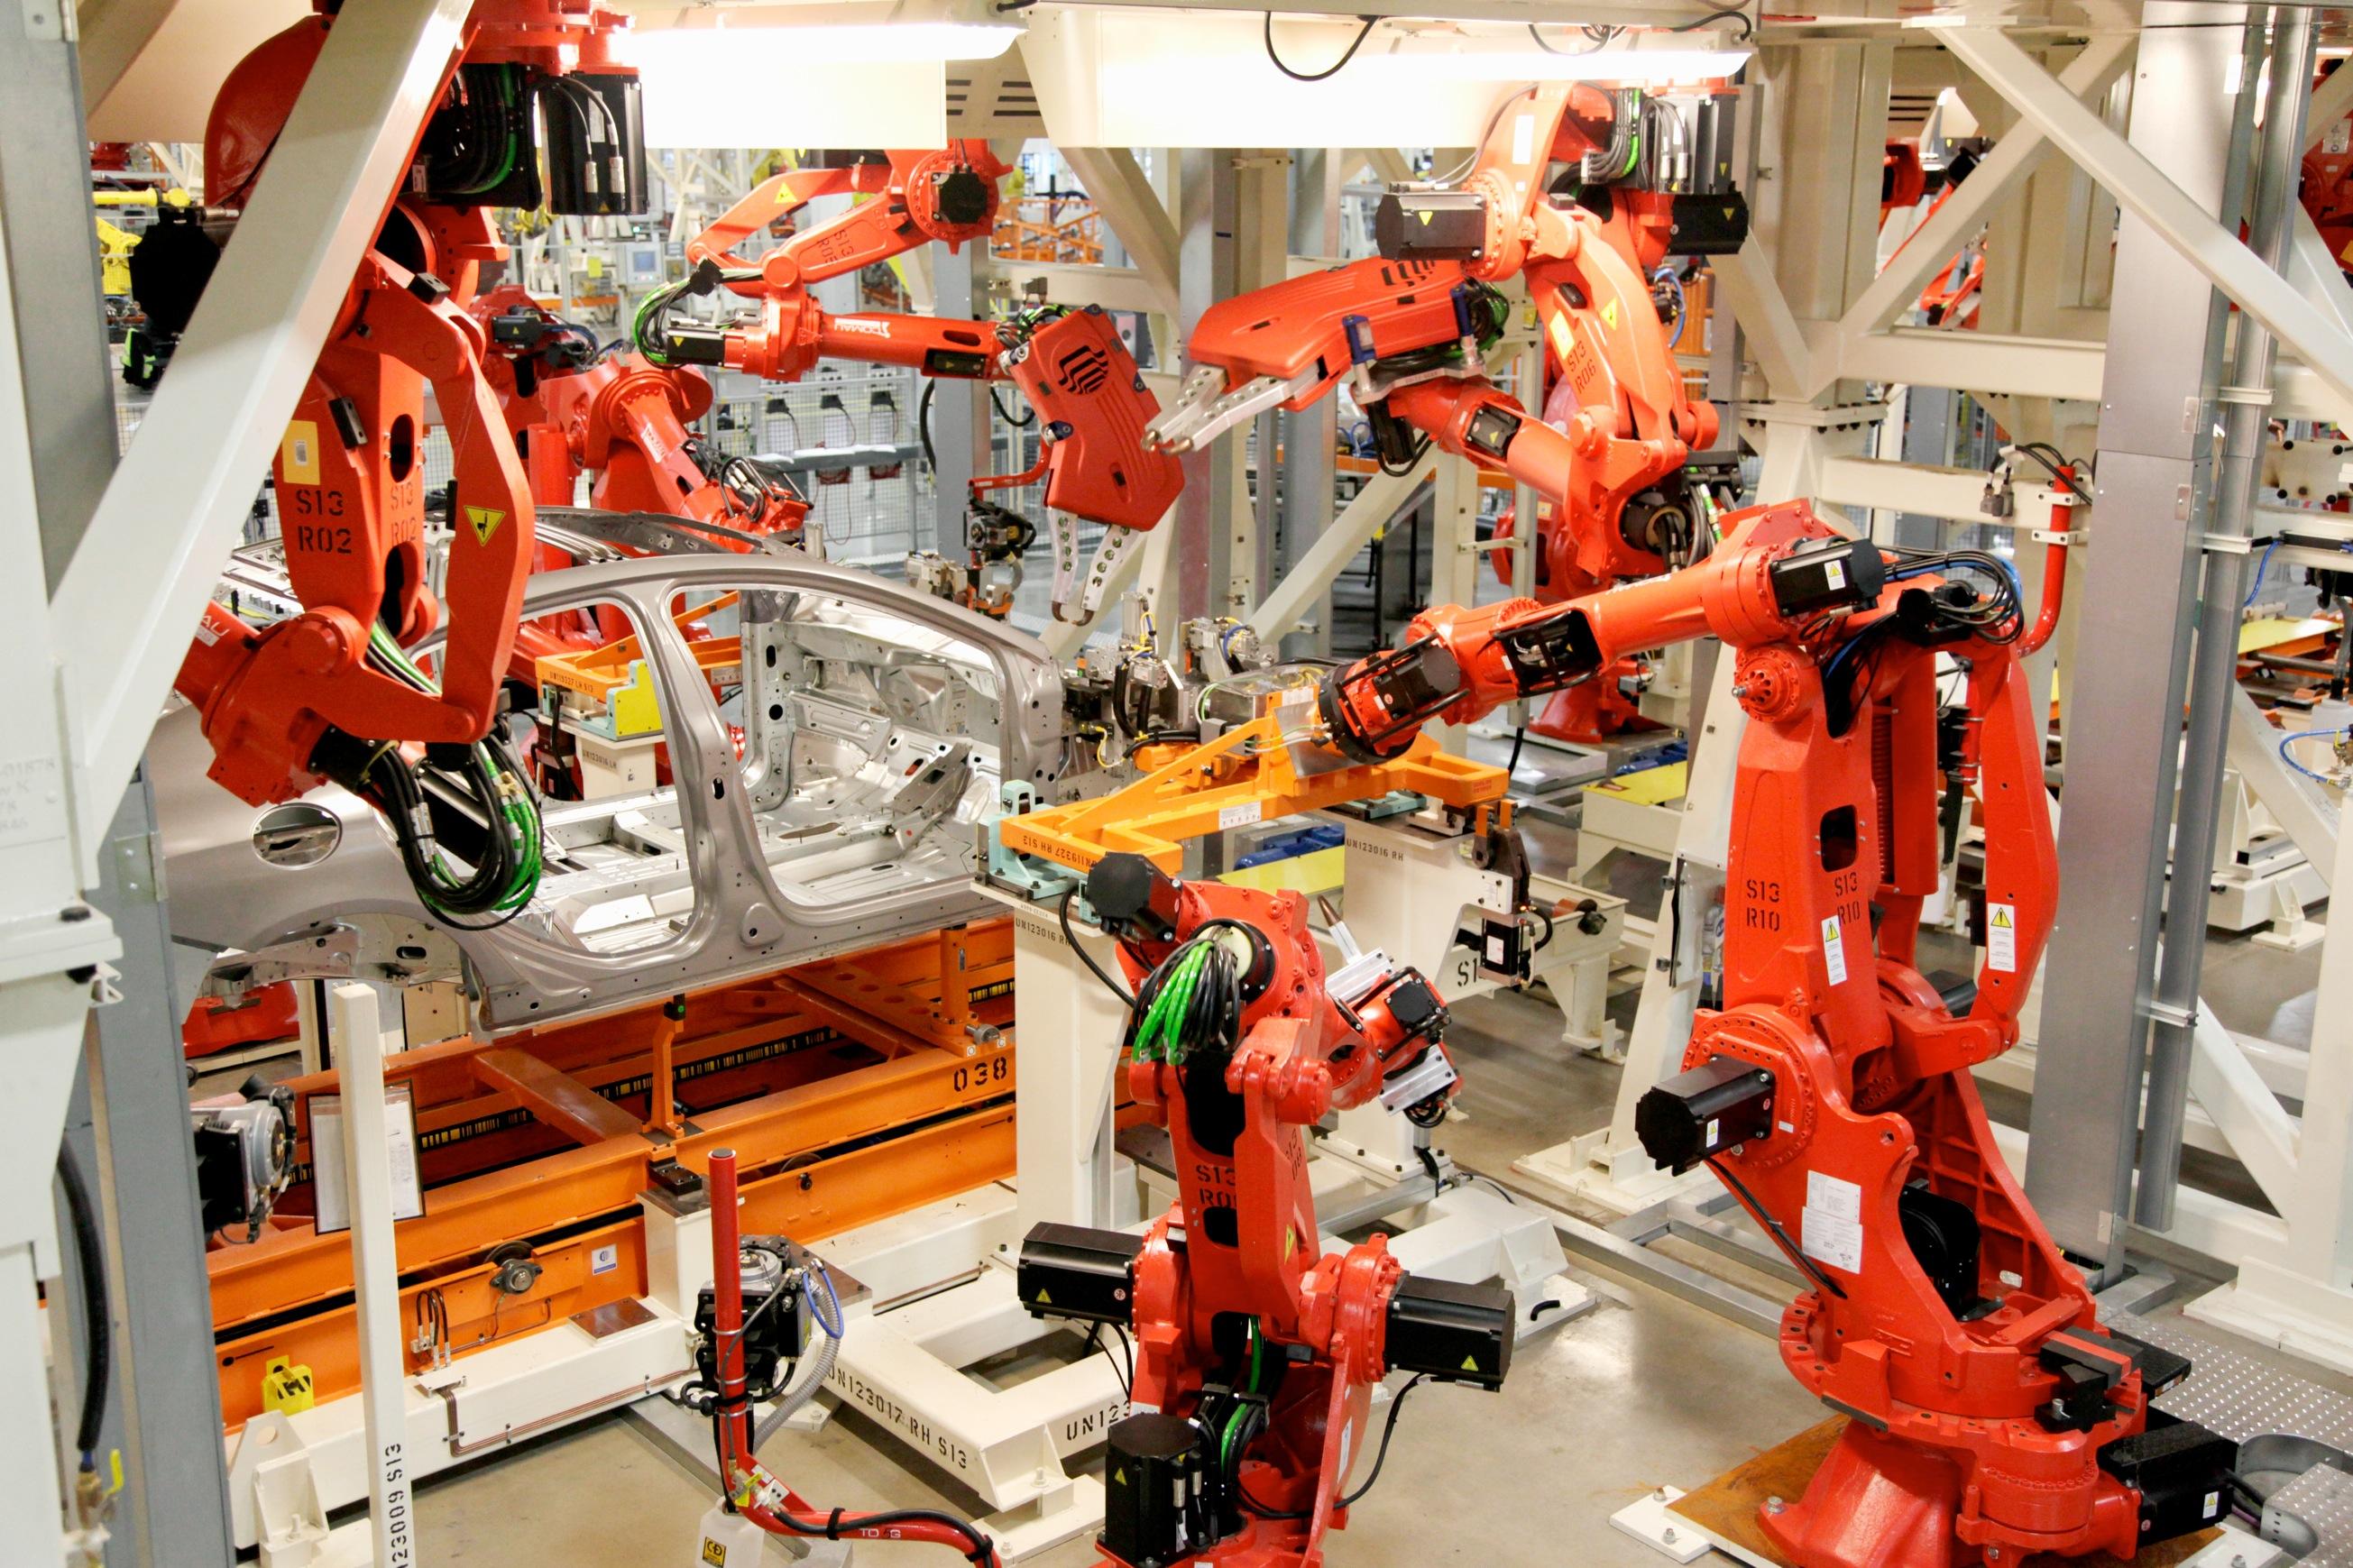 Les robots industriels au Sterling Heights Assembly Plant (crédits: Fiat Chrysler Automobiles: Corporate / Flickr Creative Commons Attribution - Pas d'Utilisation Commerciale - Pas de Modification 2.0 Générique (CC BY-NC-ND 2.0))